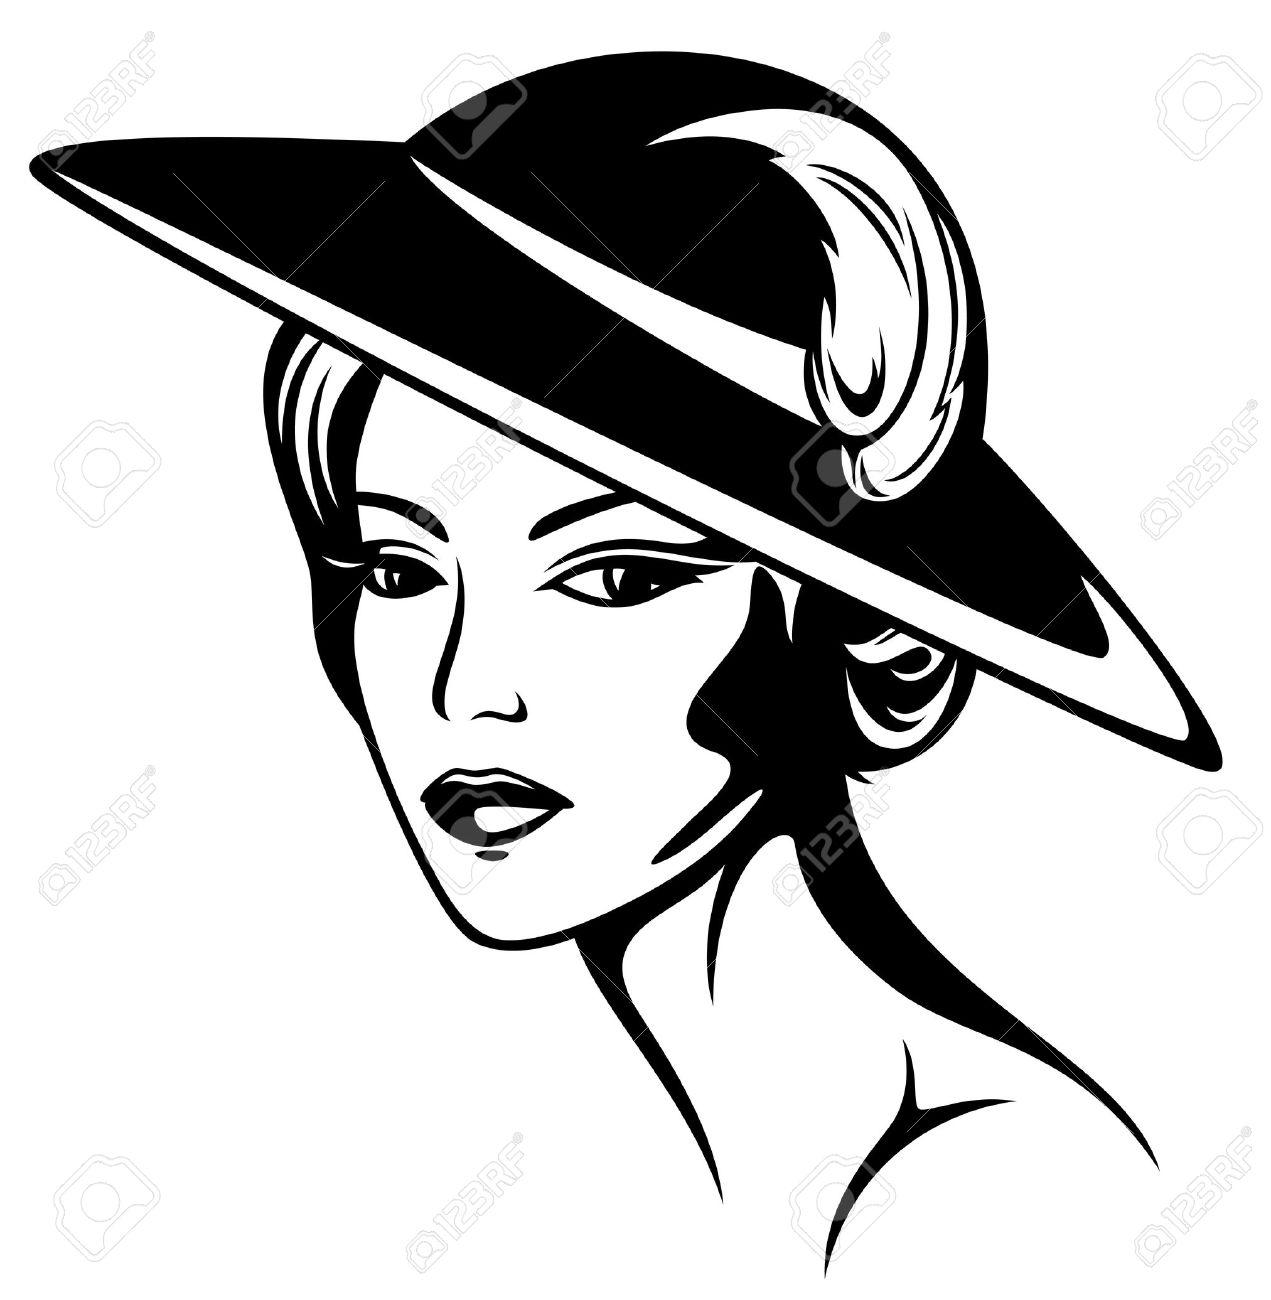 White girl scarf clipart jpg black and white Clipart of girl in hats and scarf black white - Clip Art Library jpg black and white